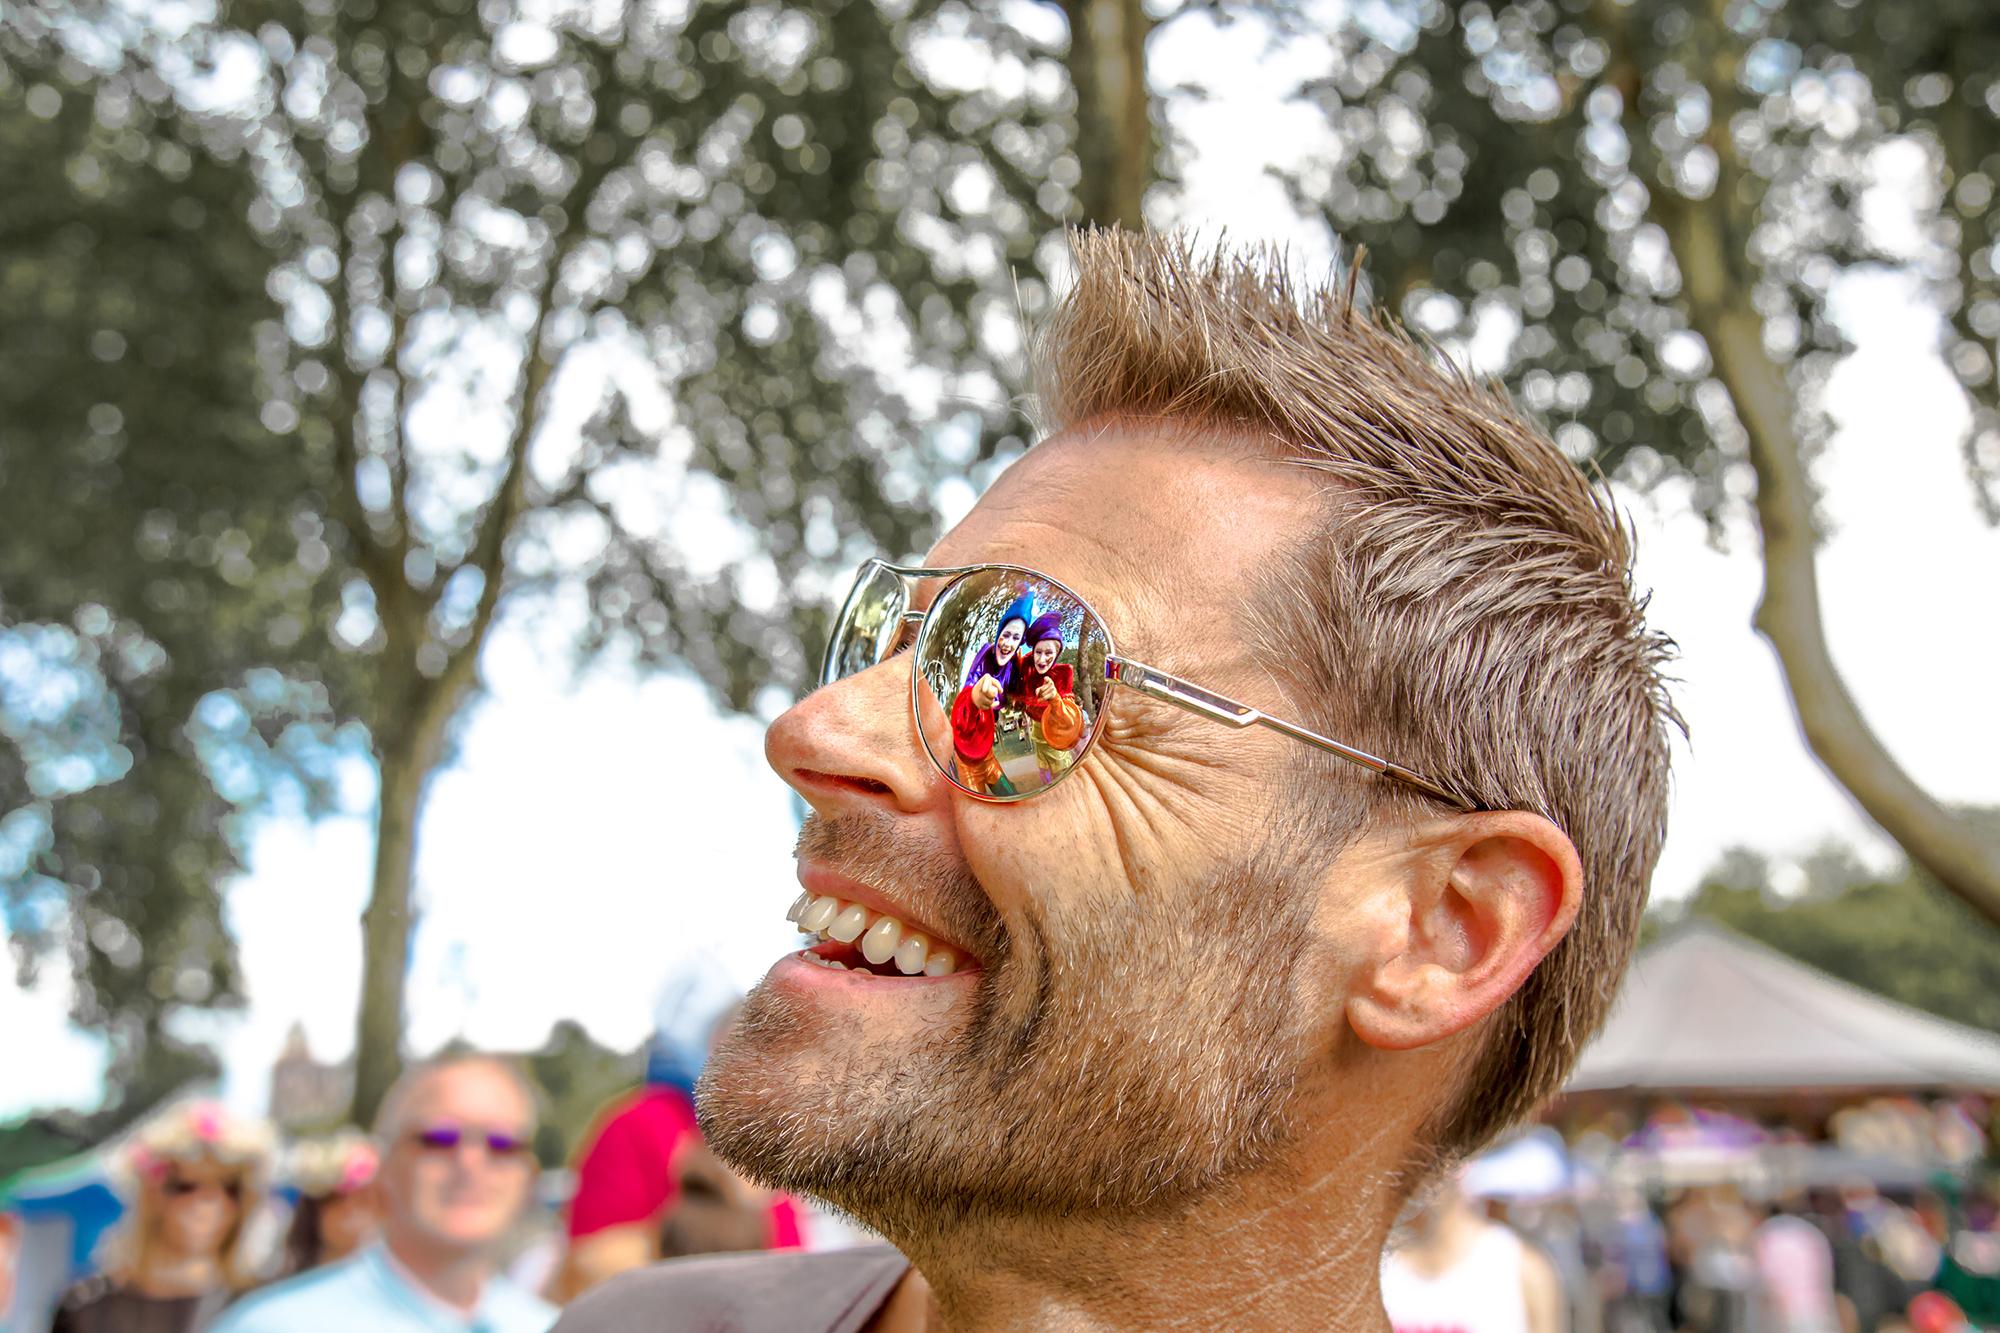 Stilt Walker Reflected in Glasses